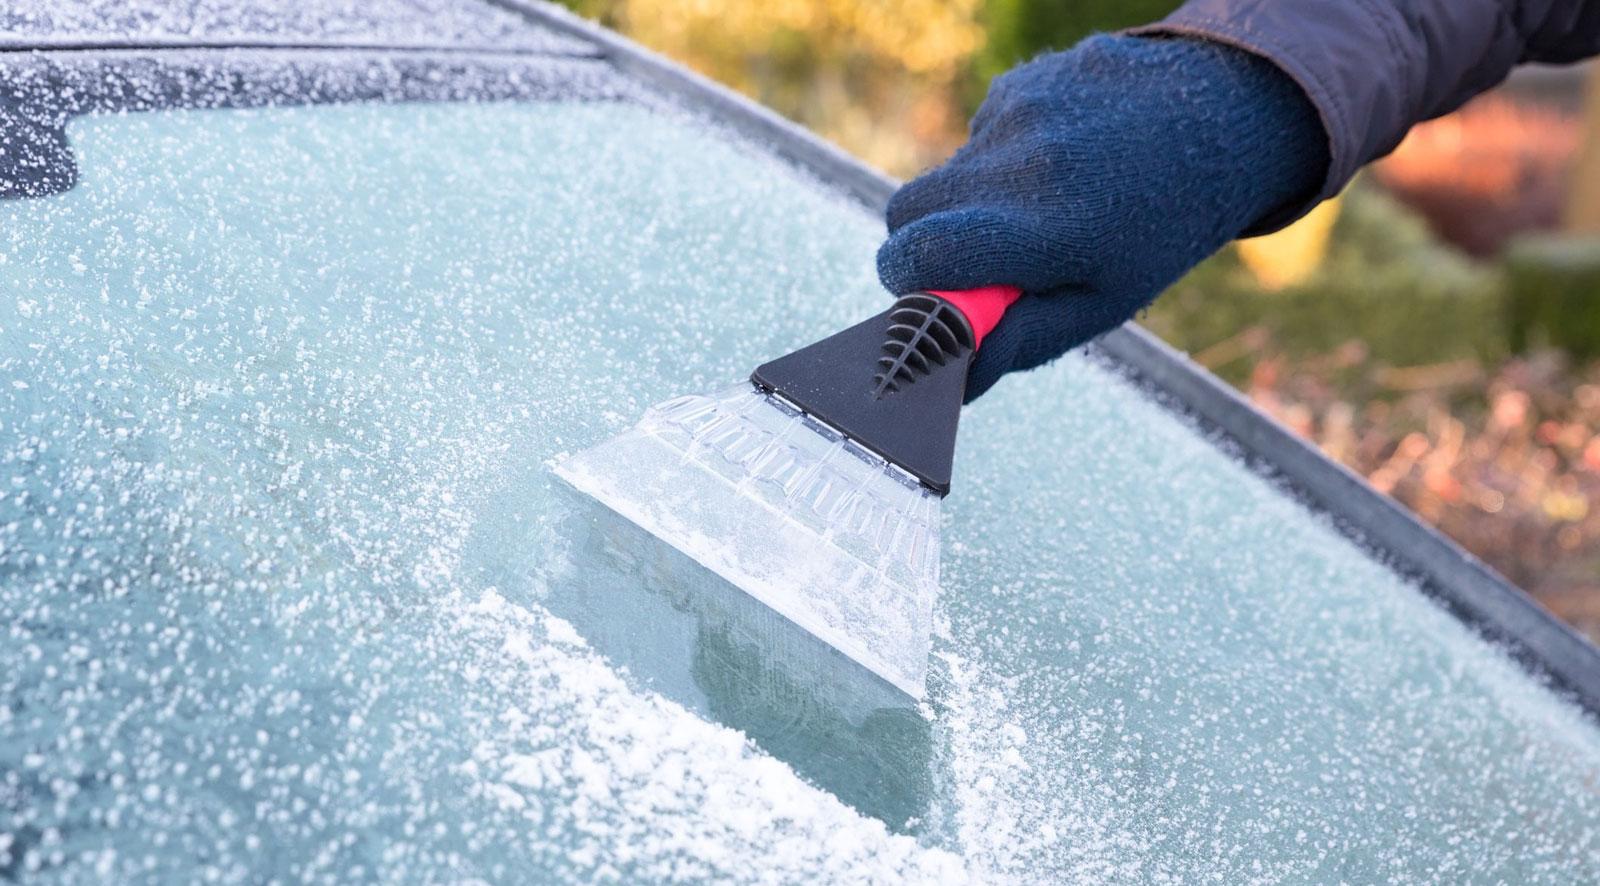 Узоры на окне или бич автомобилистов: как растет двумерный лед